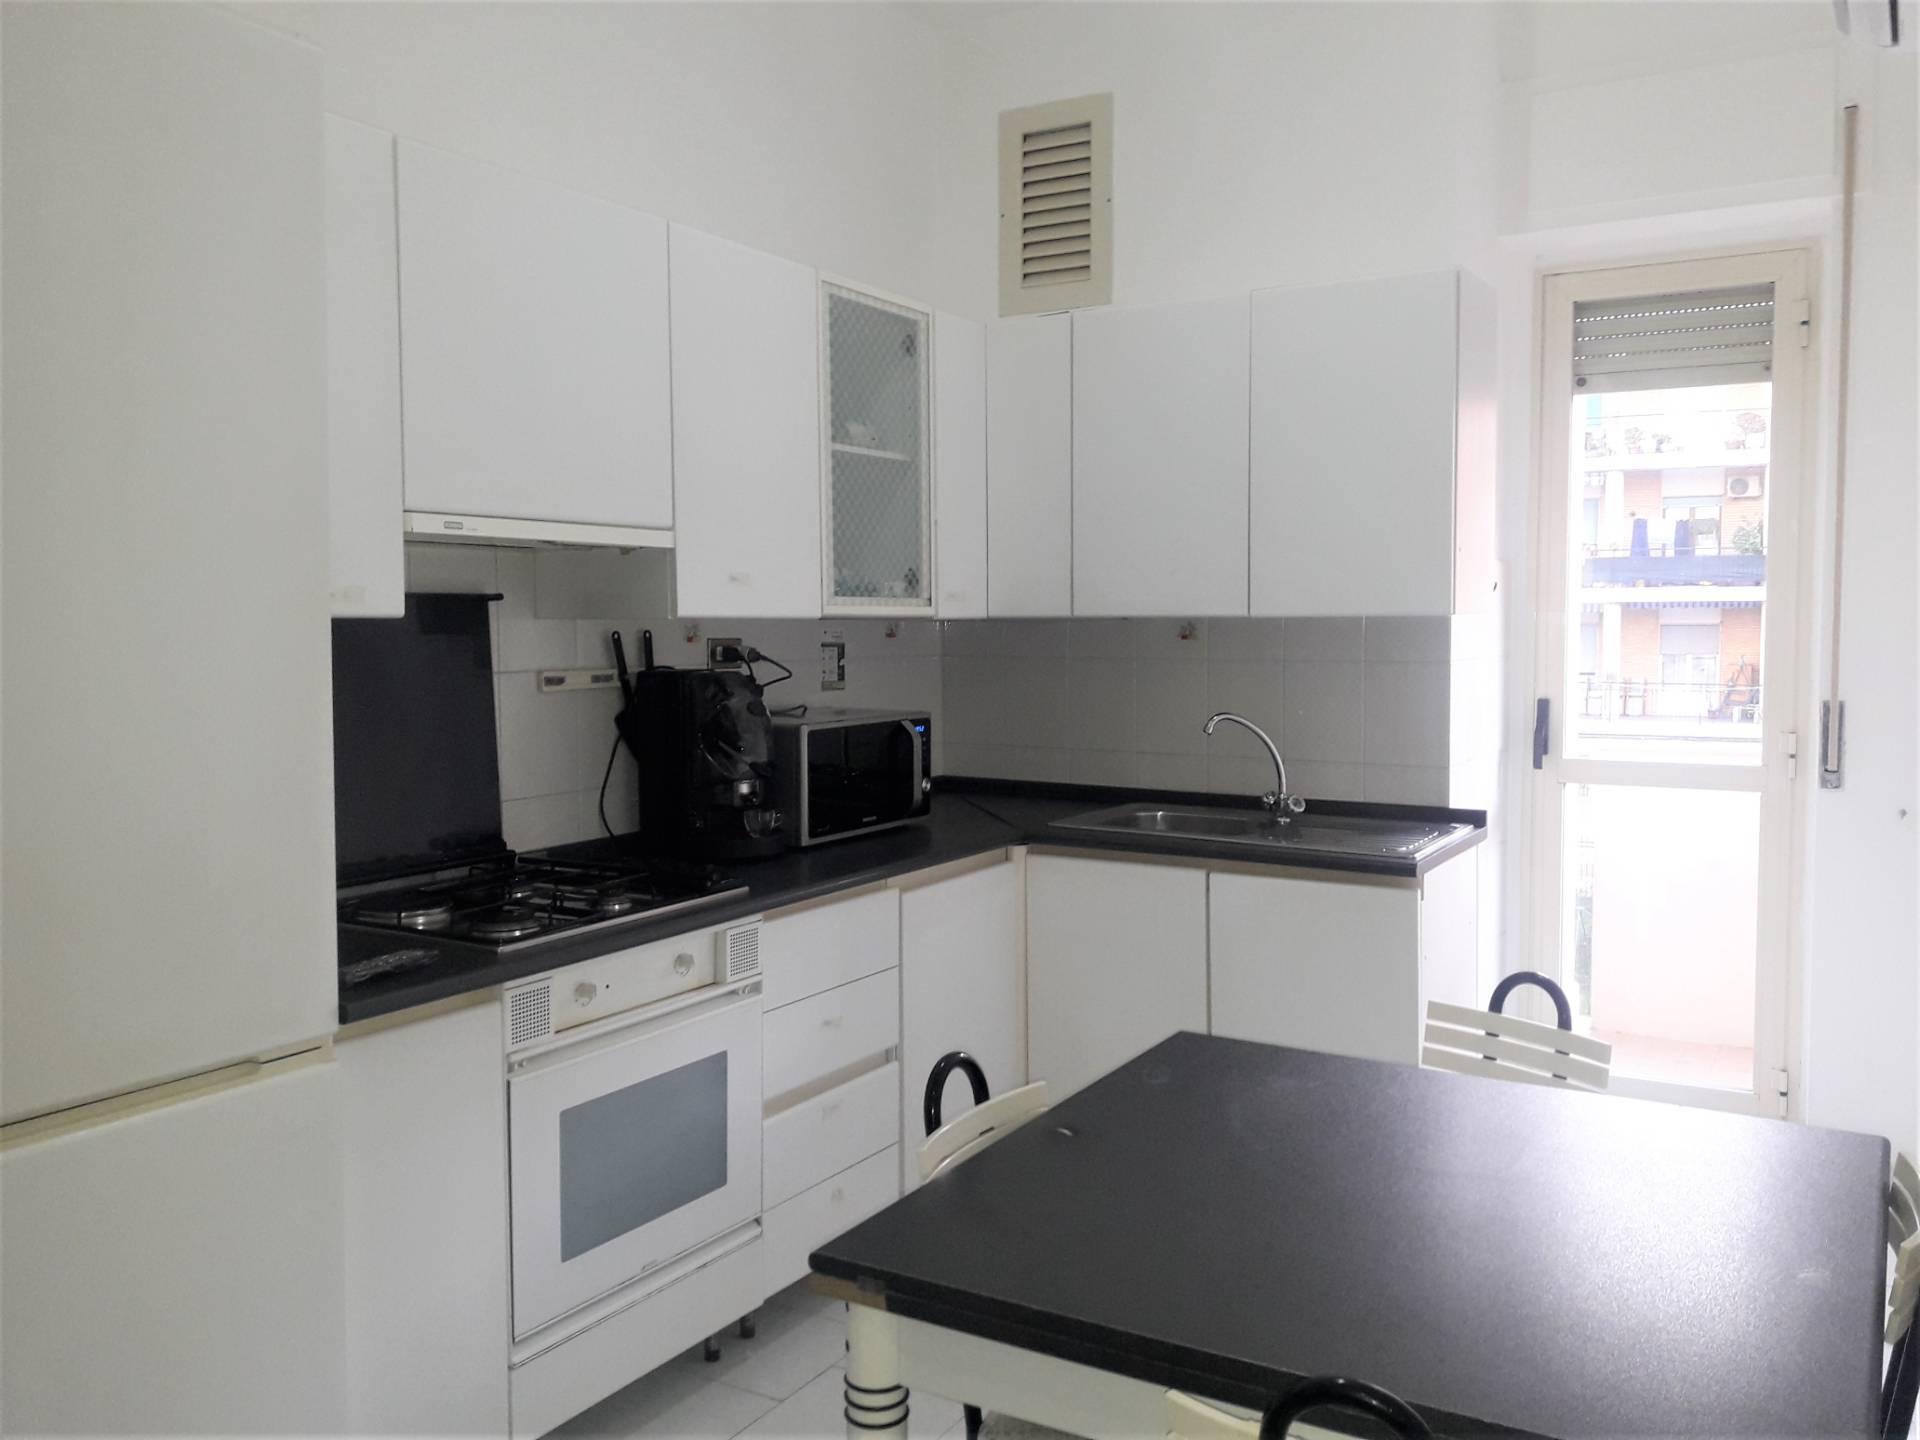 Appartamento in affitto a Catanzaro, 4 locali, zona Località: Porto, prezzo € 1.000 | CambioCasa.it